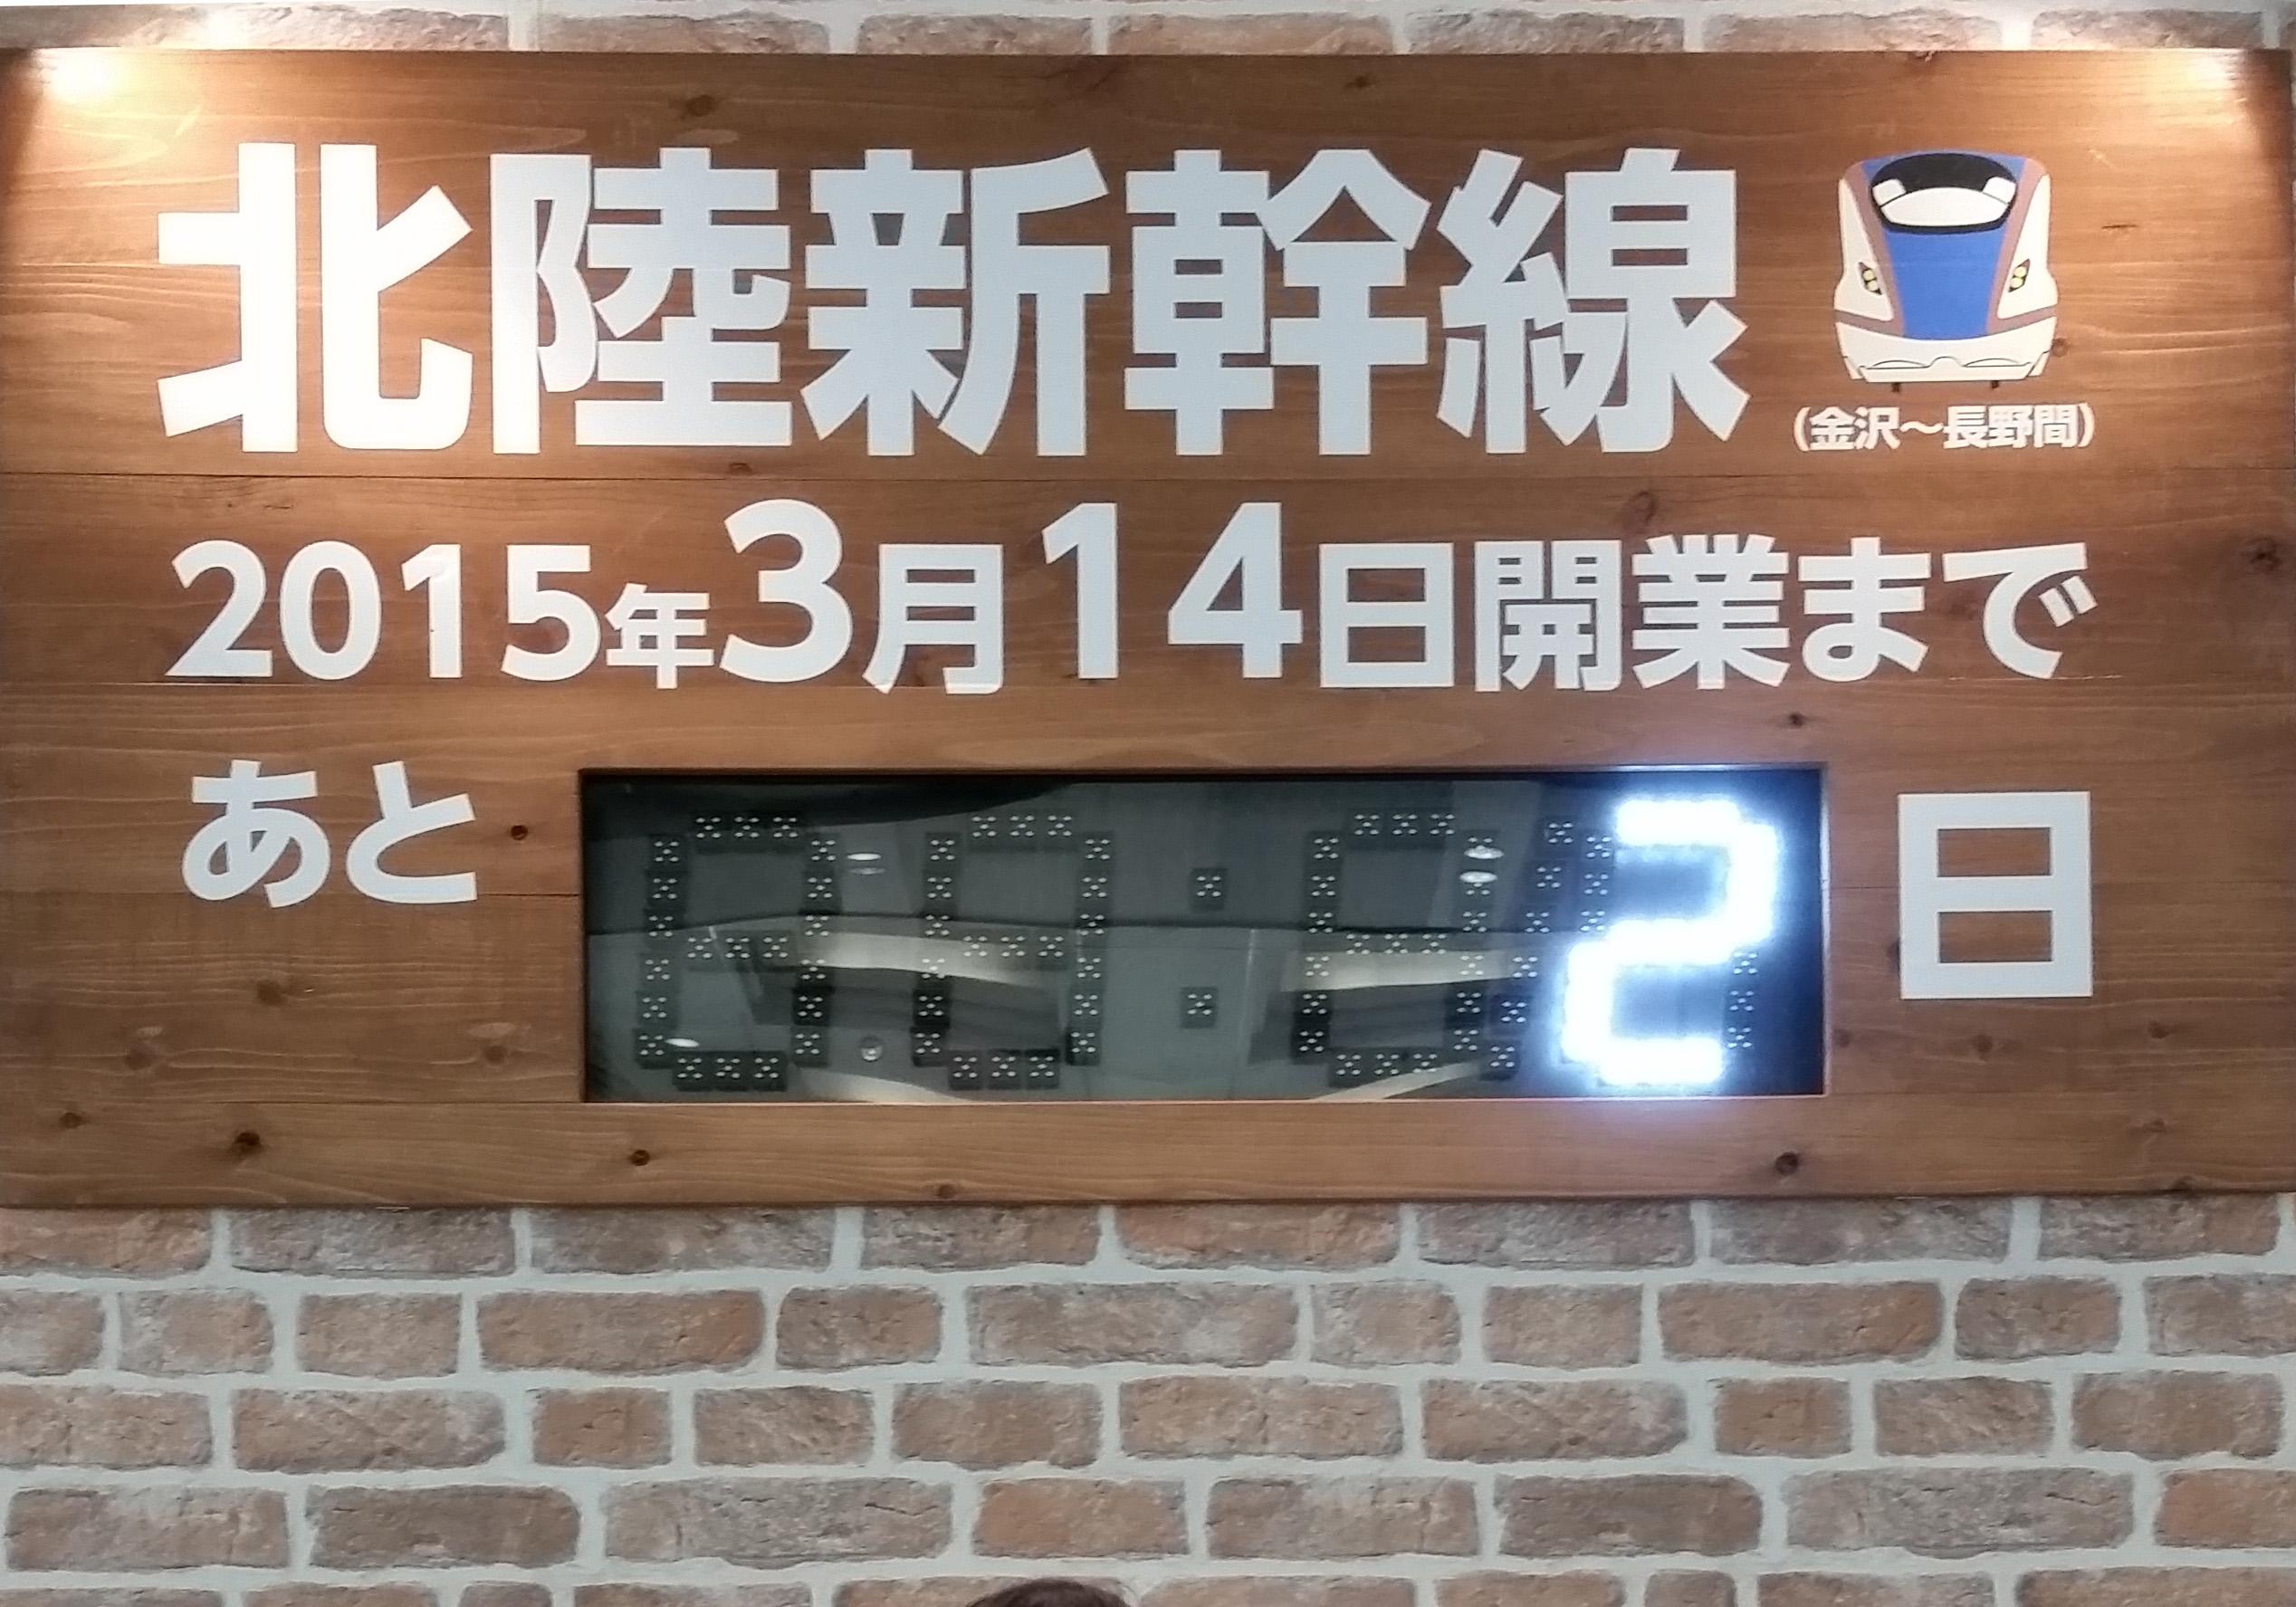 金沢-長野 北陸新幹線